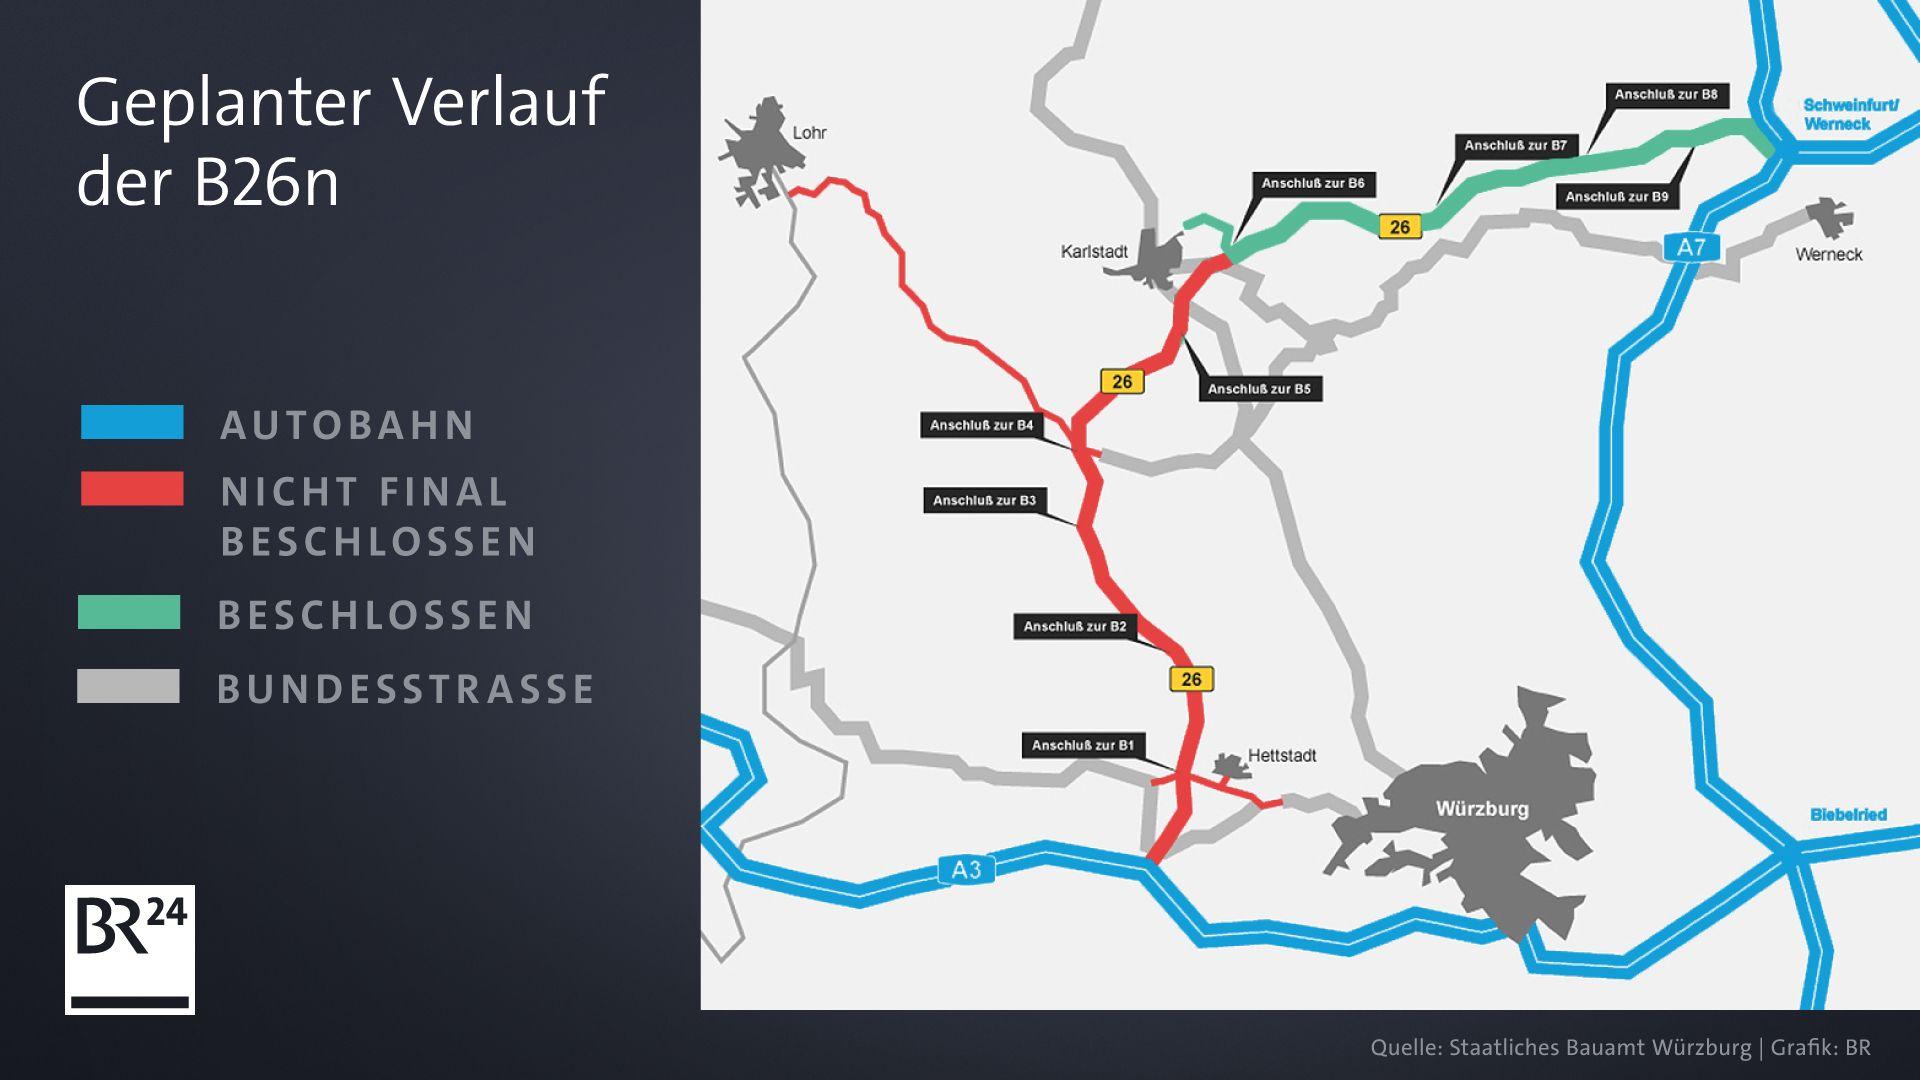 Karte: geplanter Verlauf der B26n